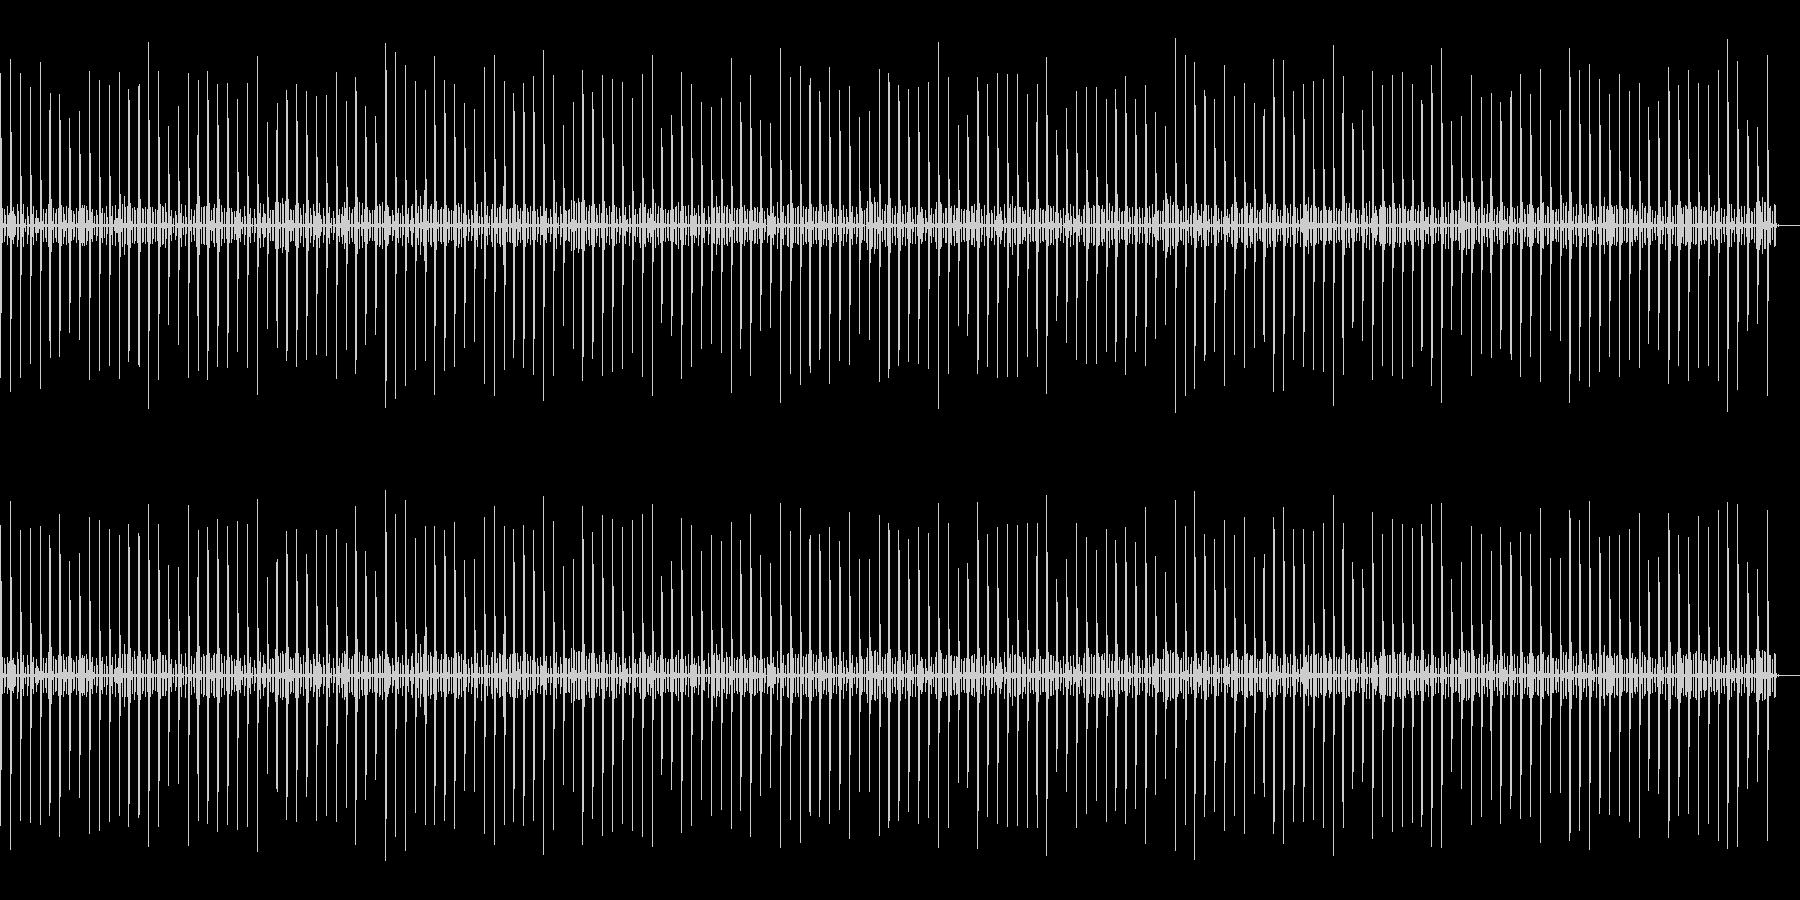 秒針エフェクト02の未再生の波形